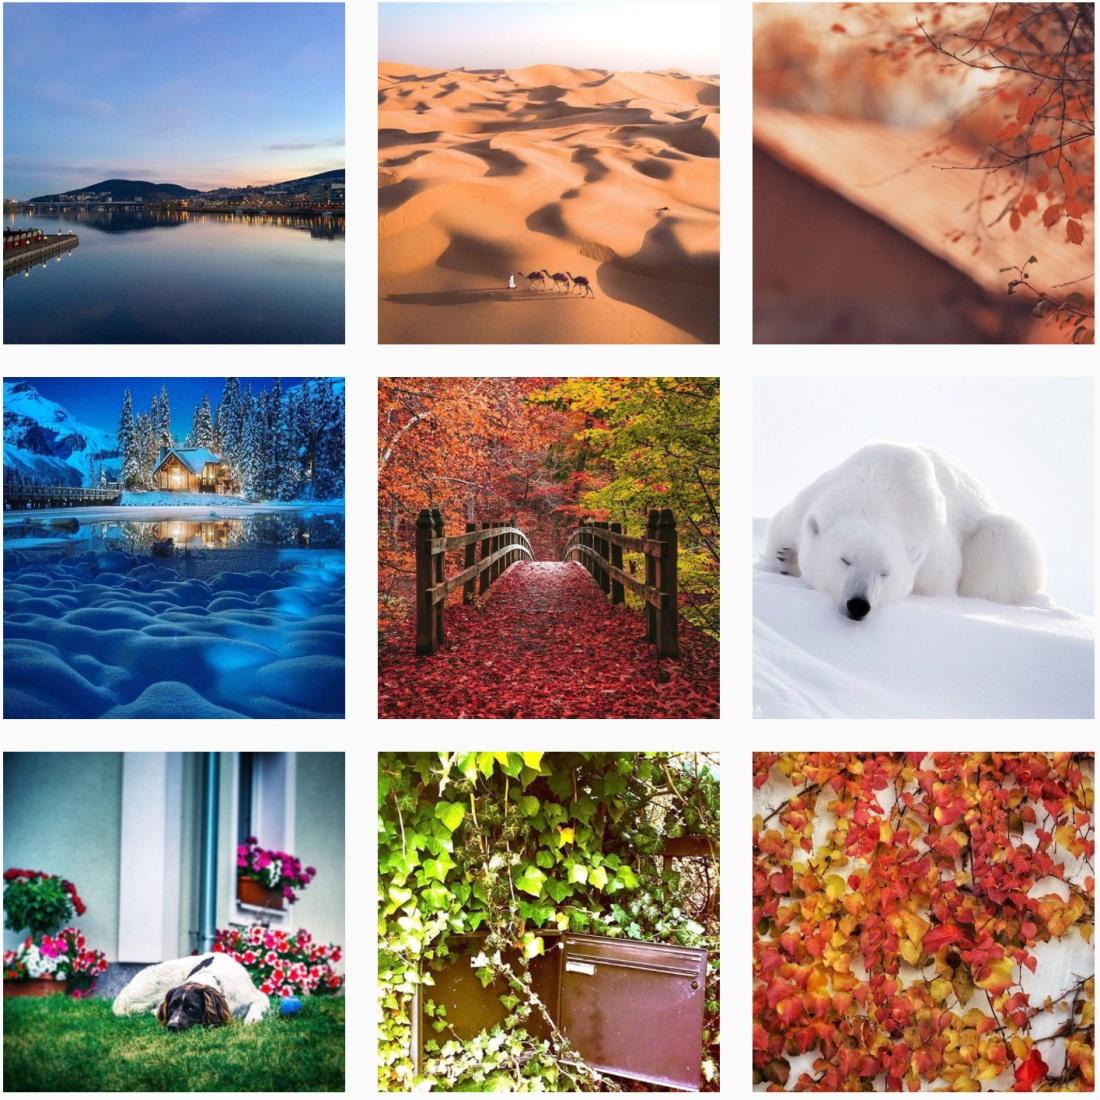 #naturephotography